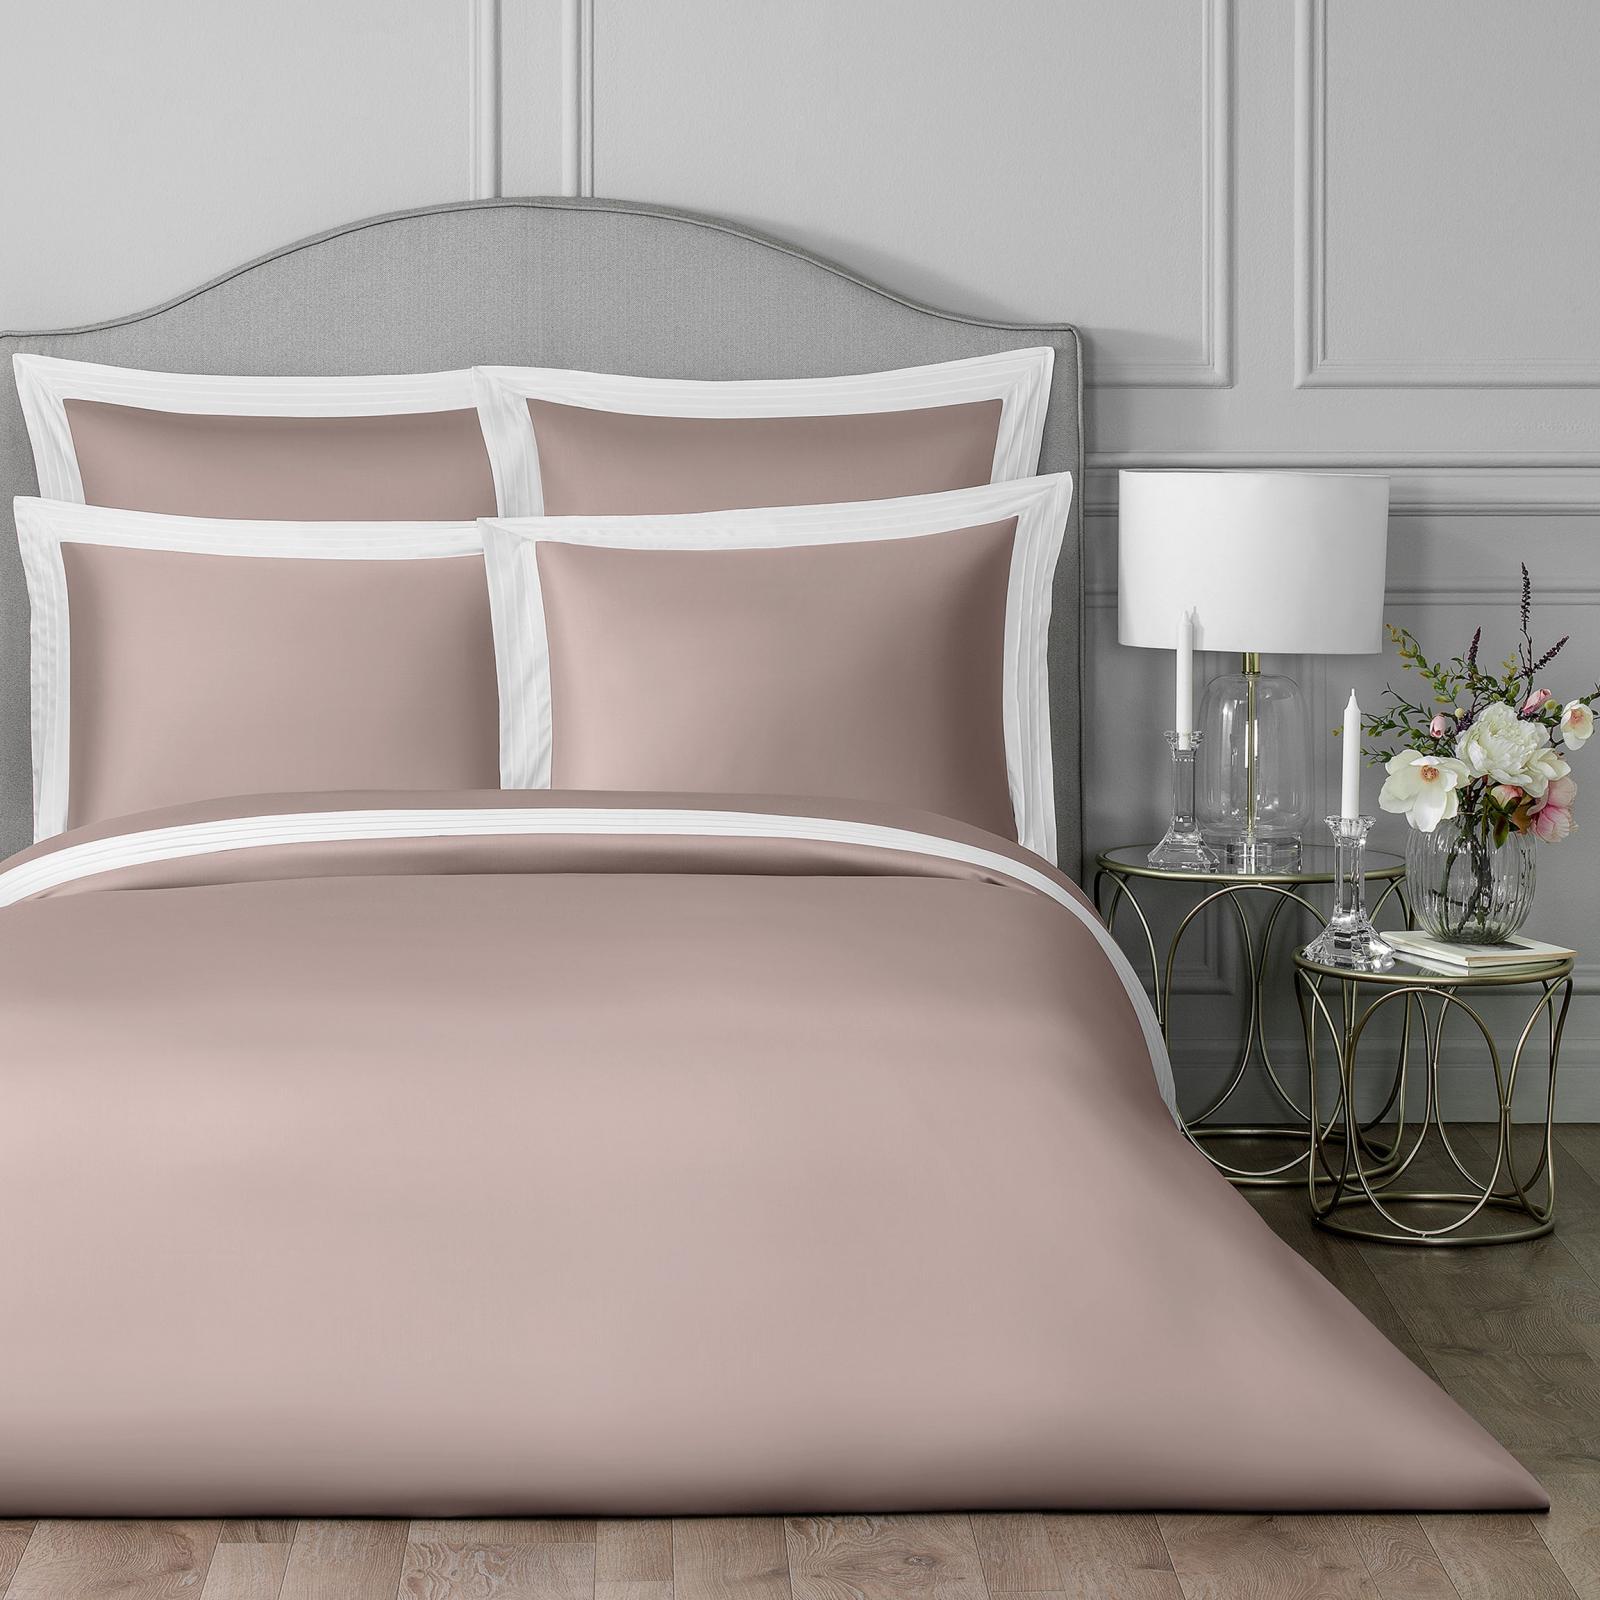 Постельный комплект Togas Эдем розовый/белый двуспальный